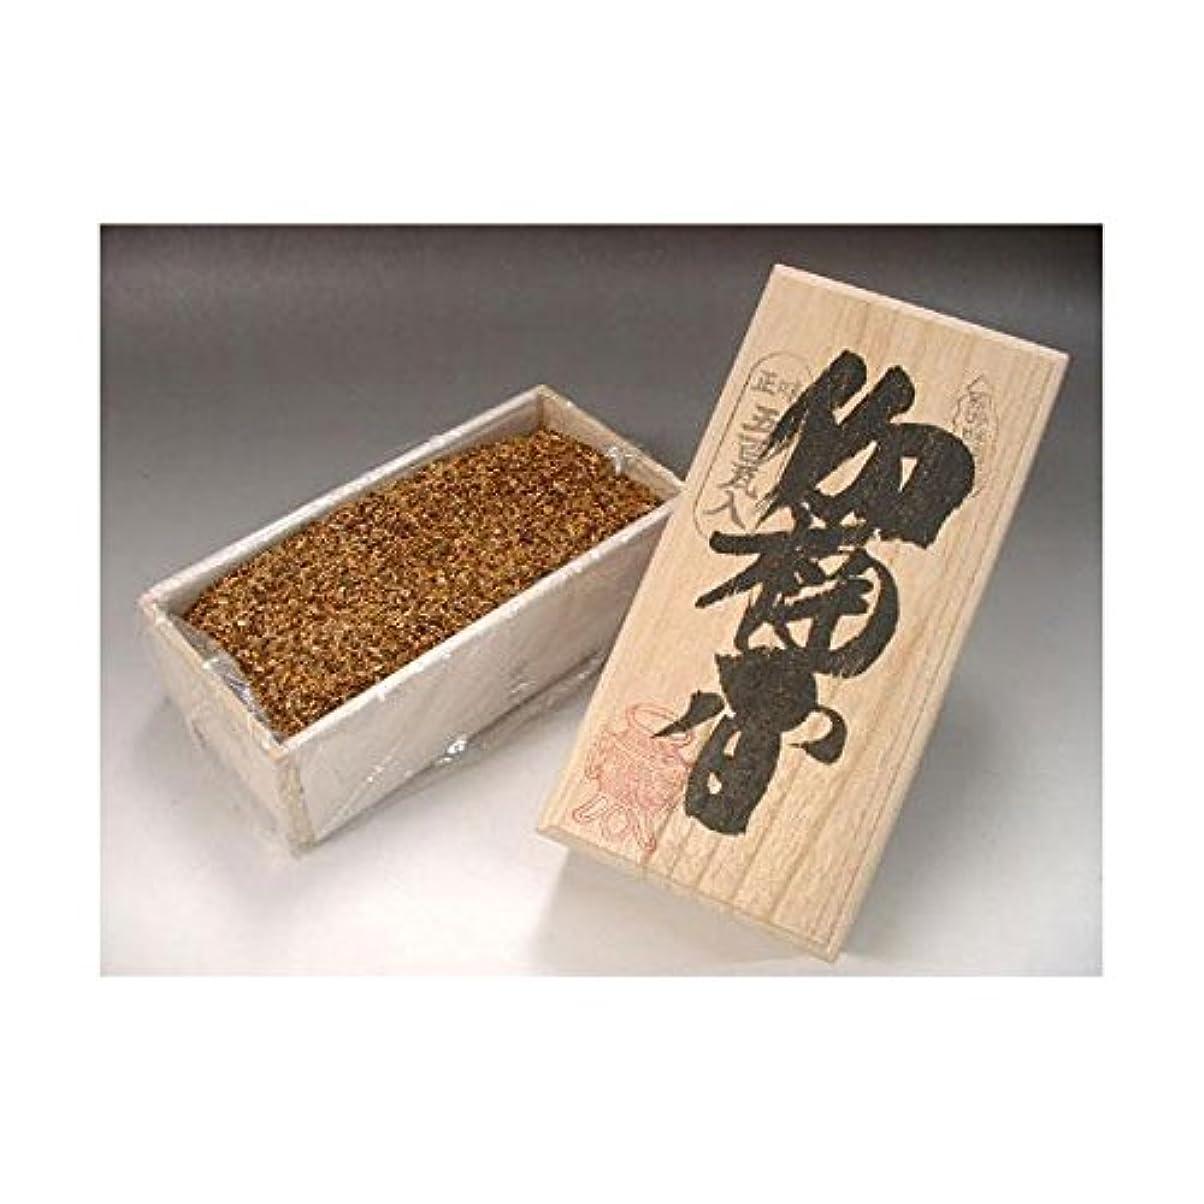 リスナー療法発掘する焼香 伽楠香(カナンコウ)500g桐箱入